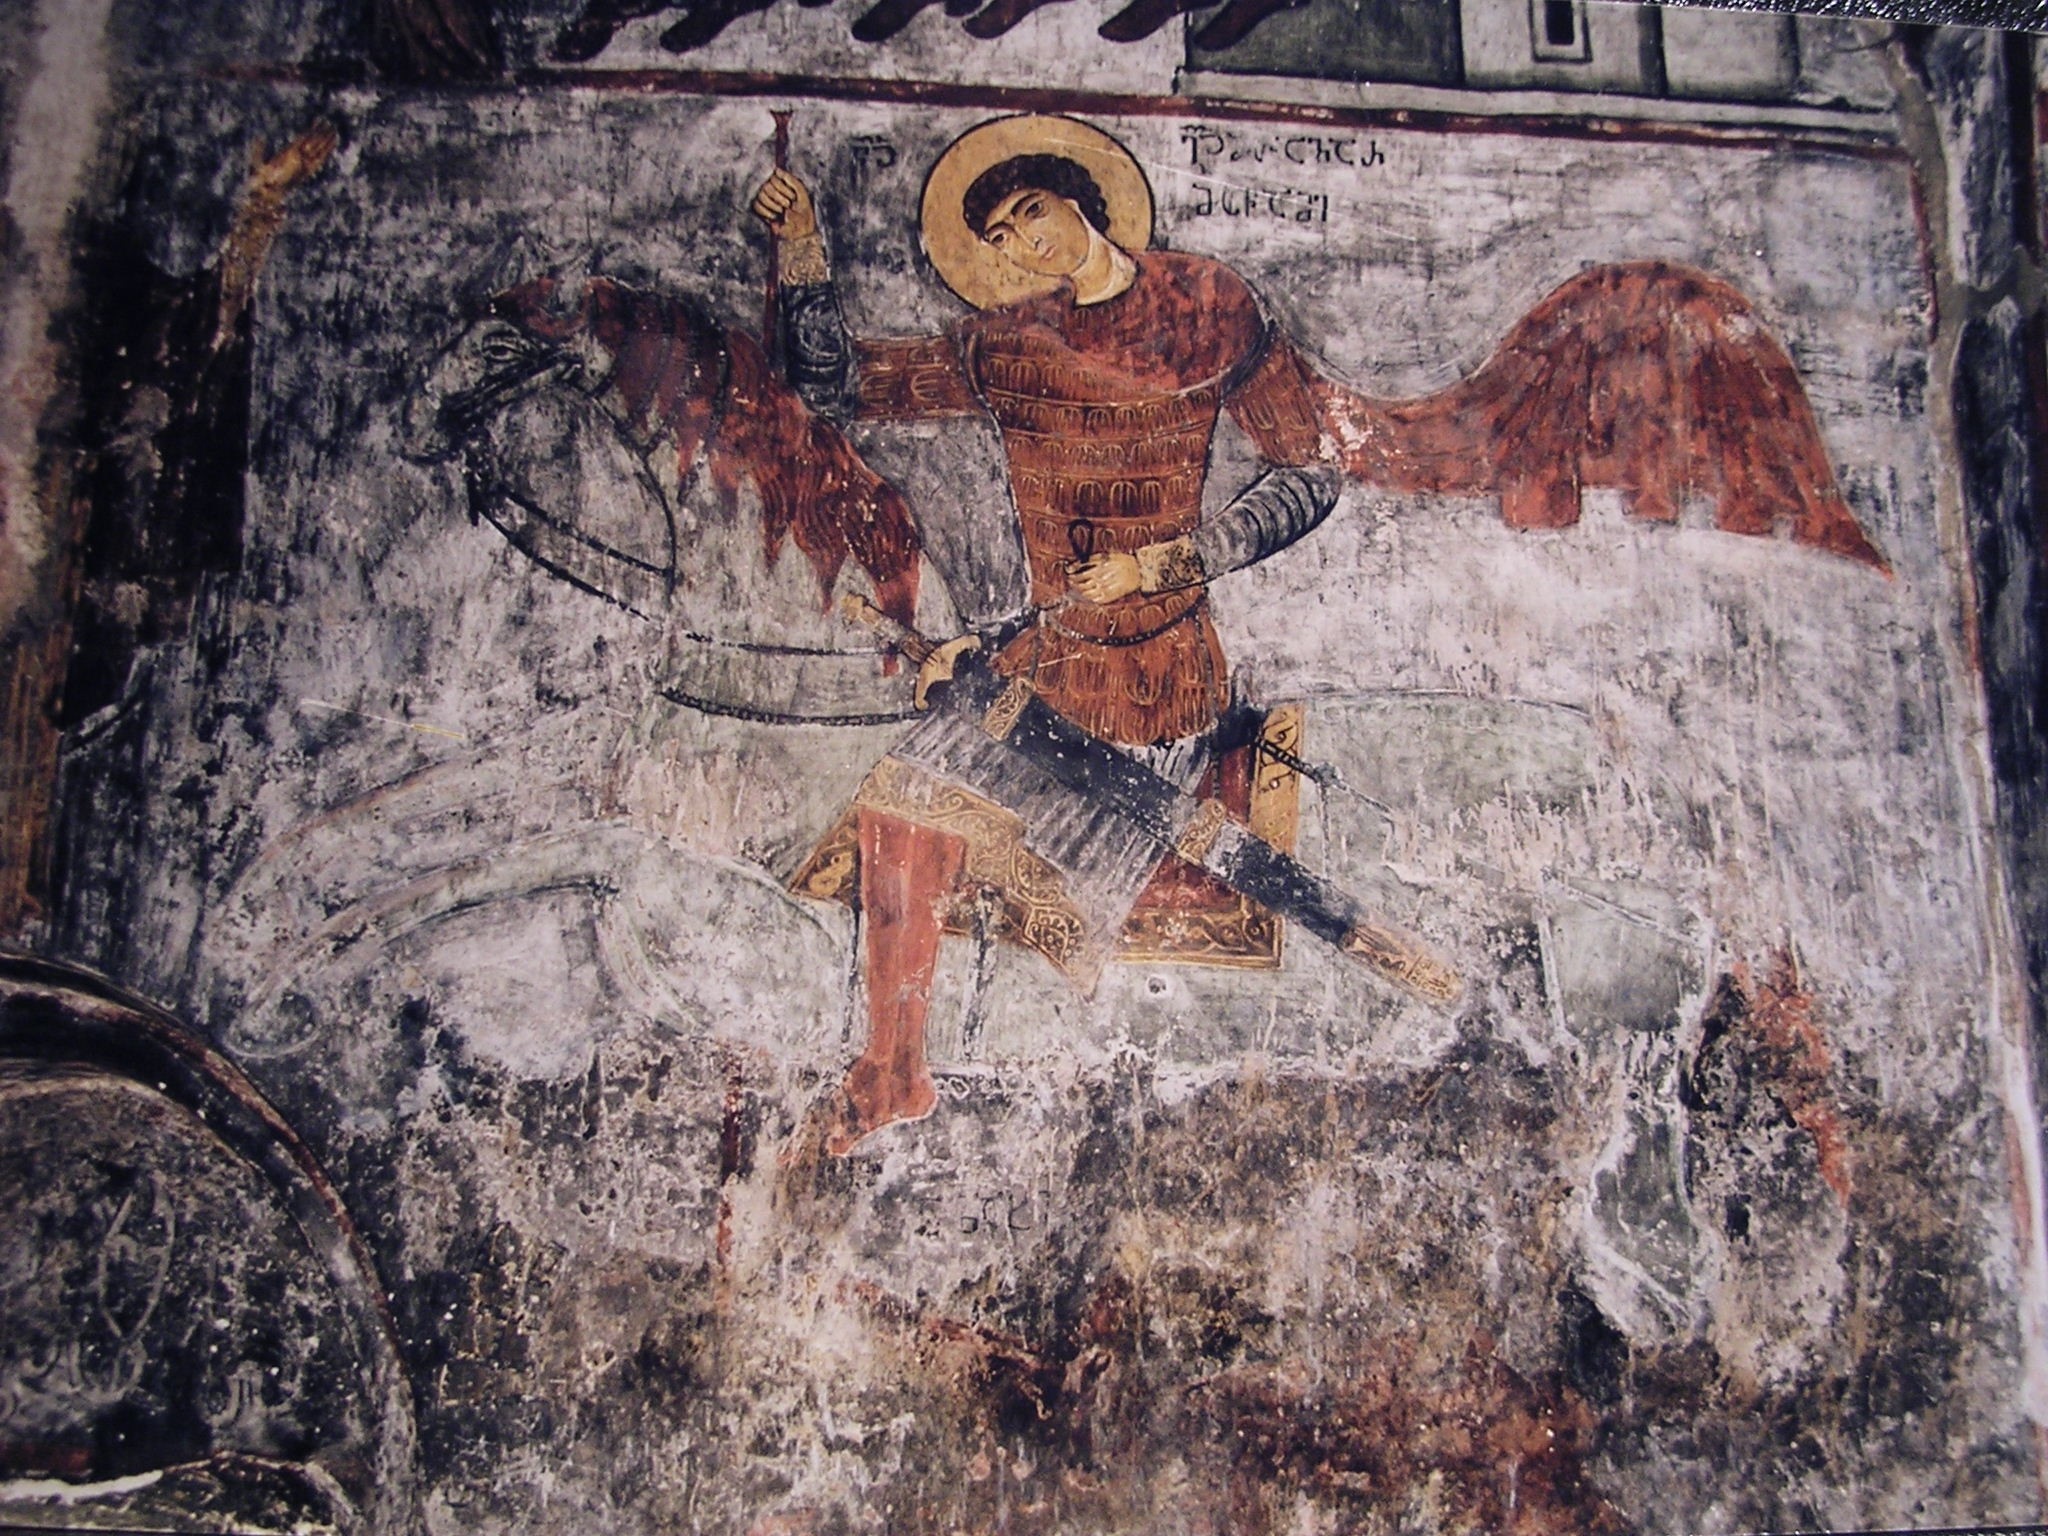 Георгий на коне. Фреска монастыря Вардзия, 11в., Грузия.